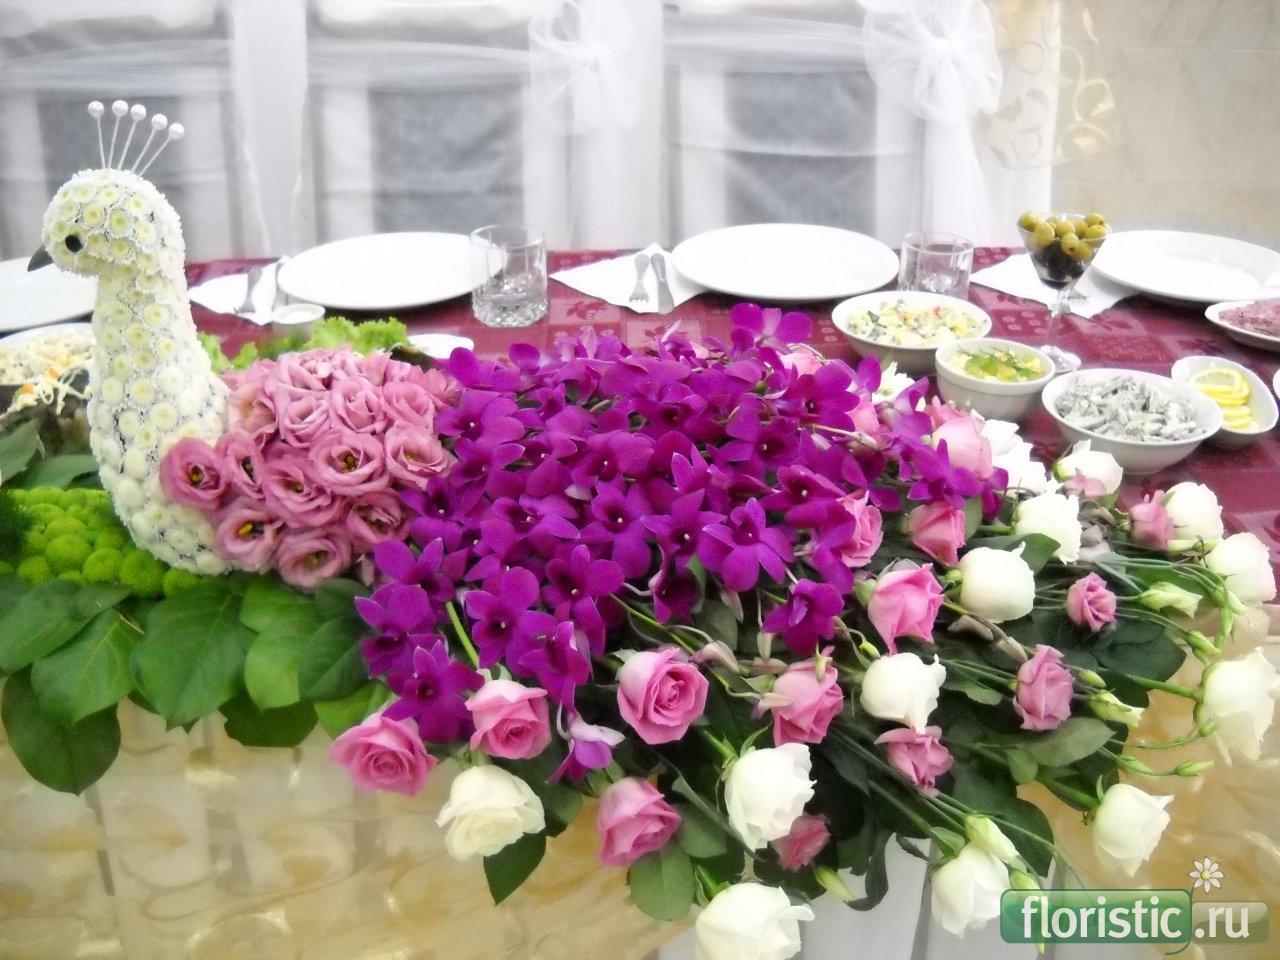 Цветочная композиция своими руками из живых цветов